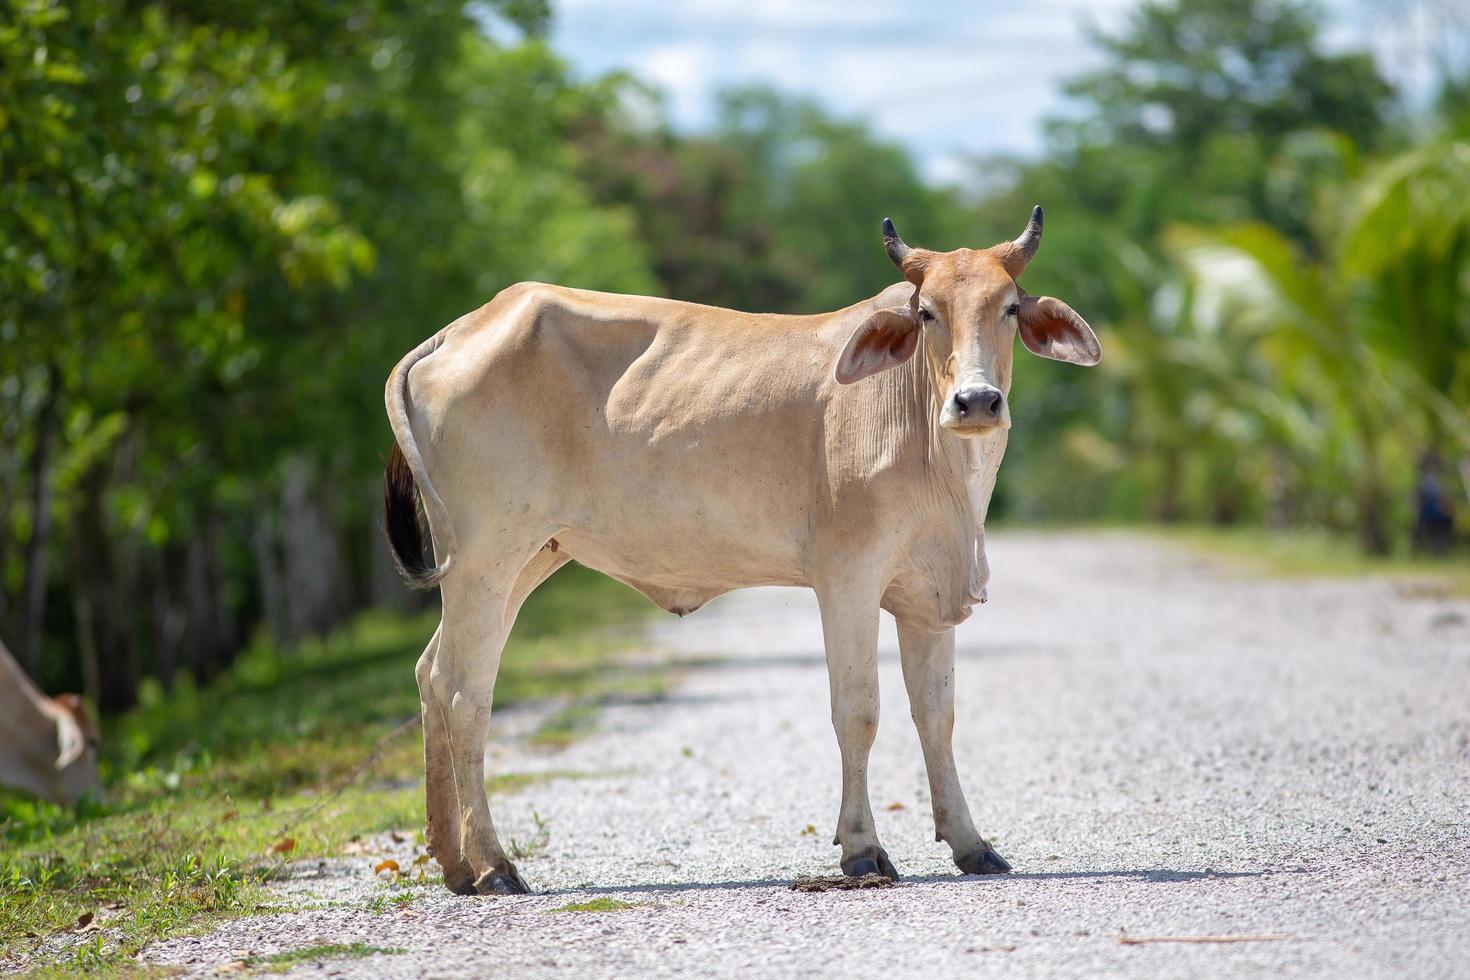 Rural Thailand cow photo